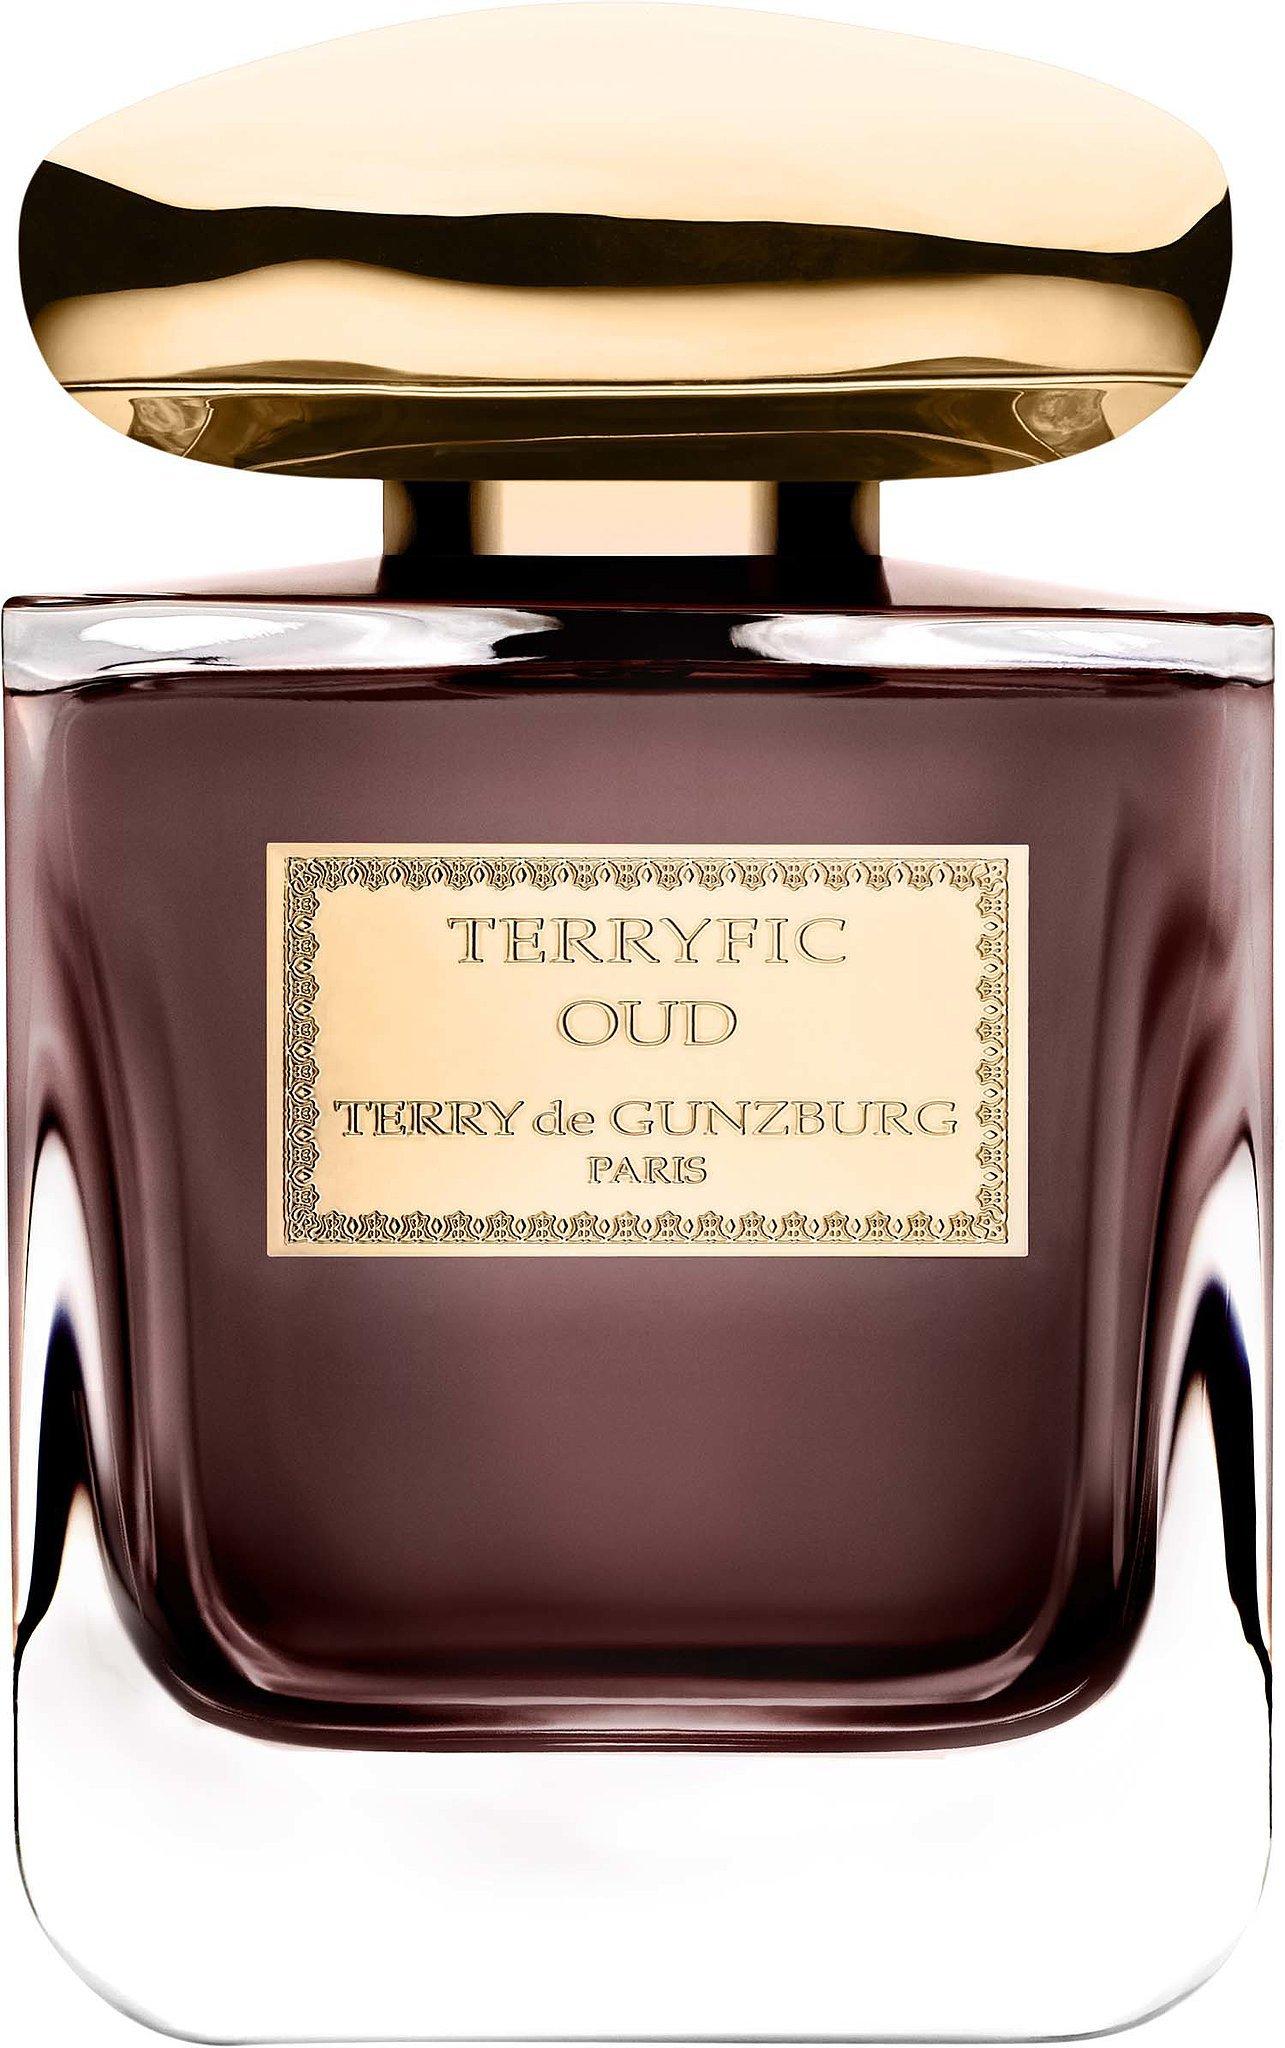 Terryfic Oud